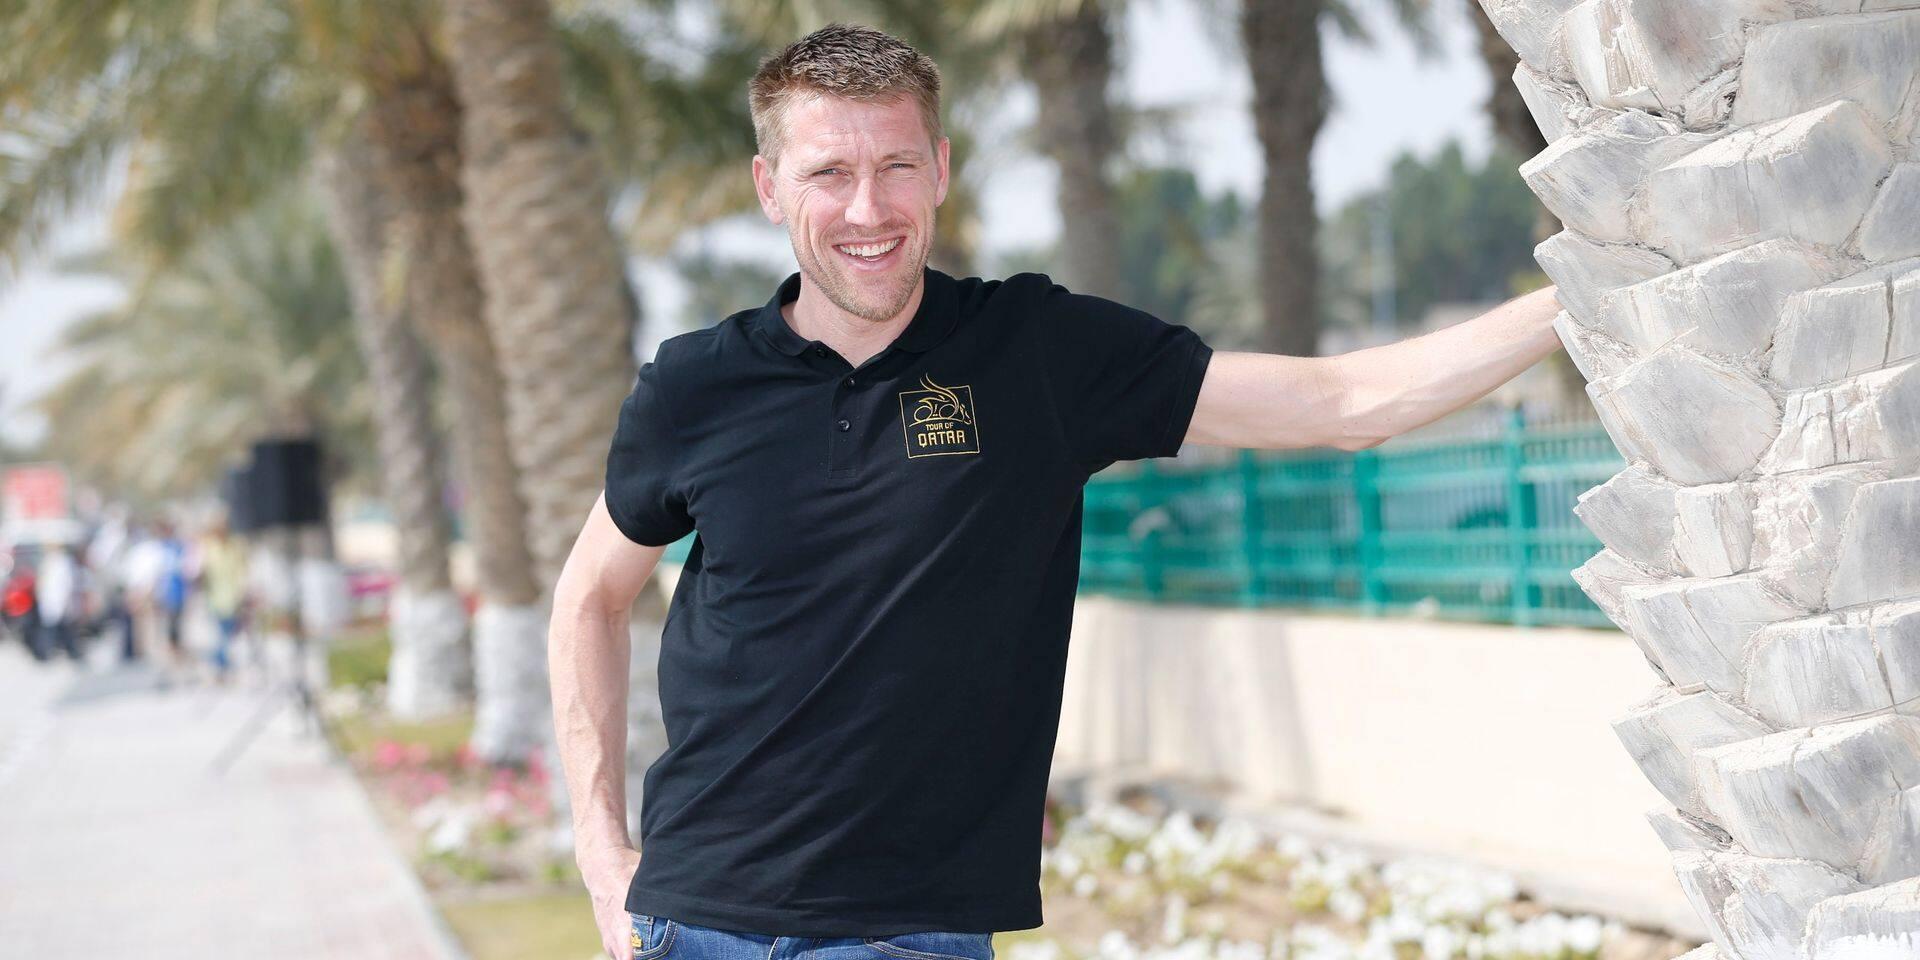 """L'équipe d'Axel Merckx pas encore assurée de continuer: """"J'ai eu des félicitations mais rien de concret"""""""